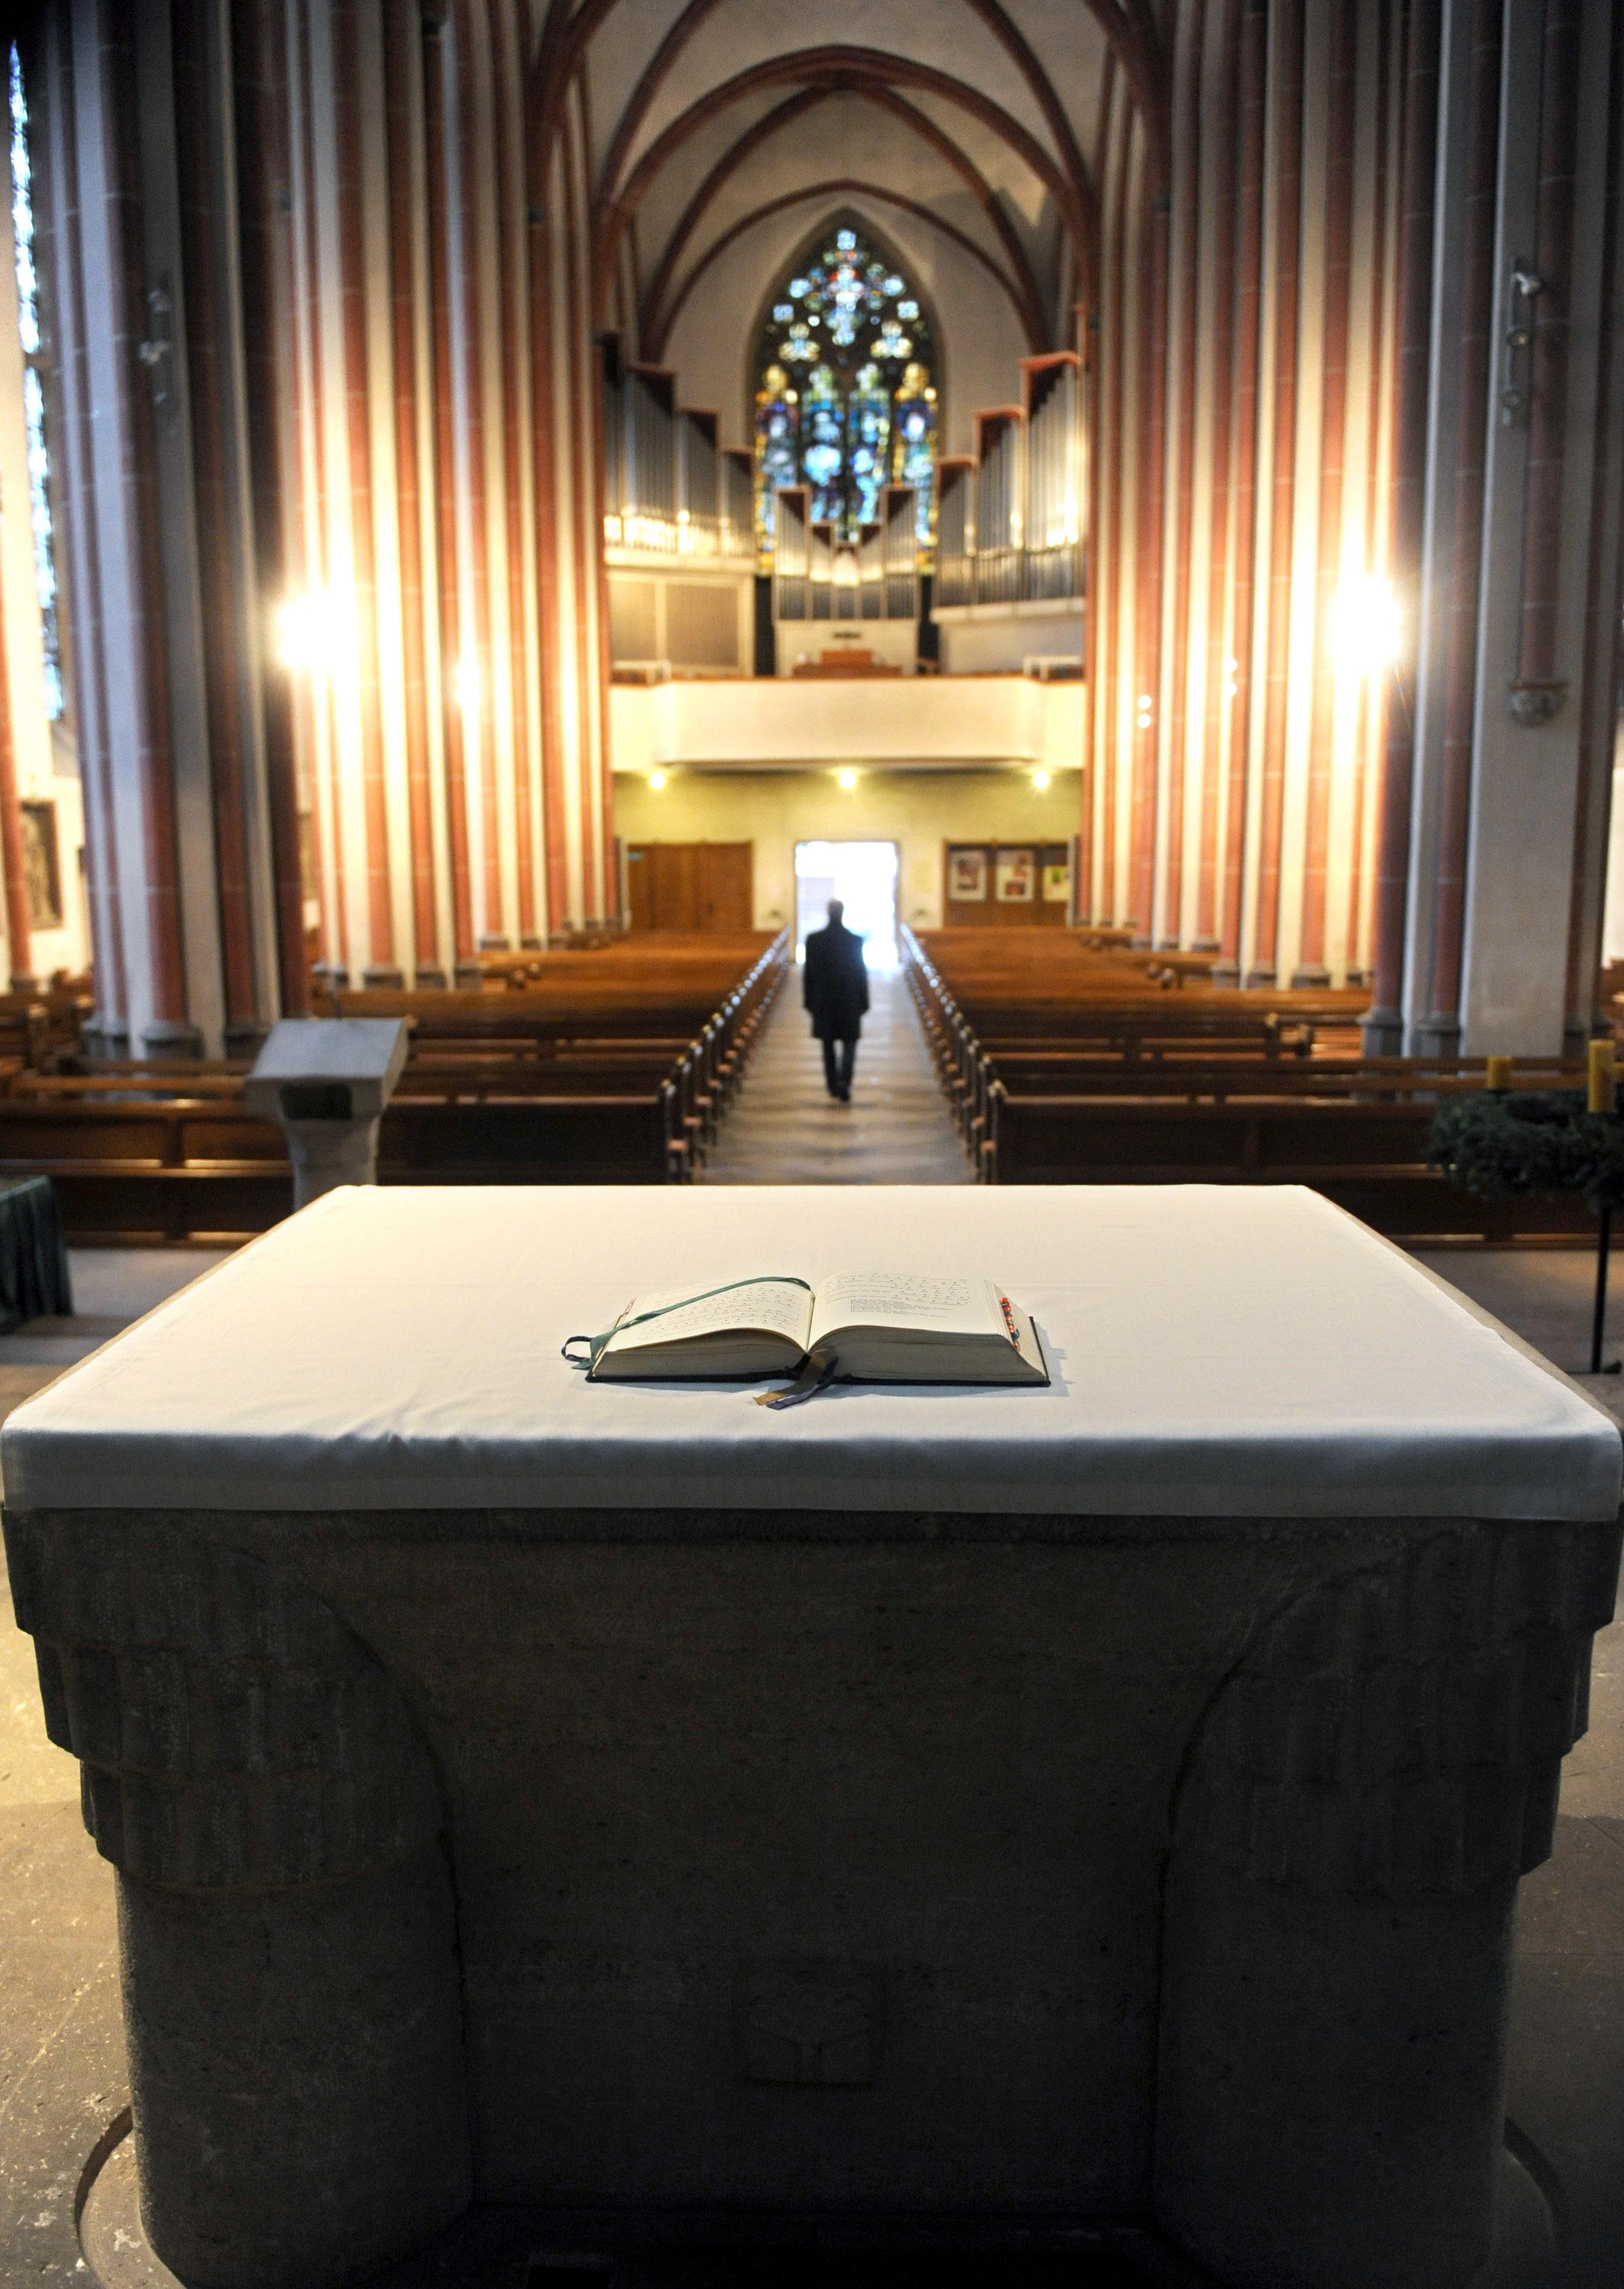 ILLUSTRATION - In dieser symbolisch nachgestellten Szene verlässt ein Mann am Mittwoch (22.12.2010) die katholische Kirche St. Johann in Bremen.